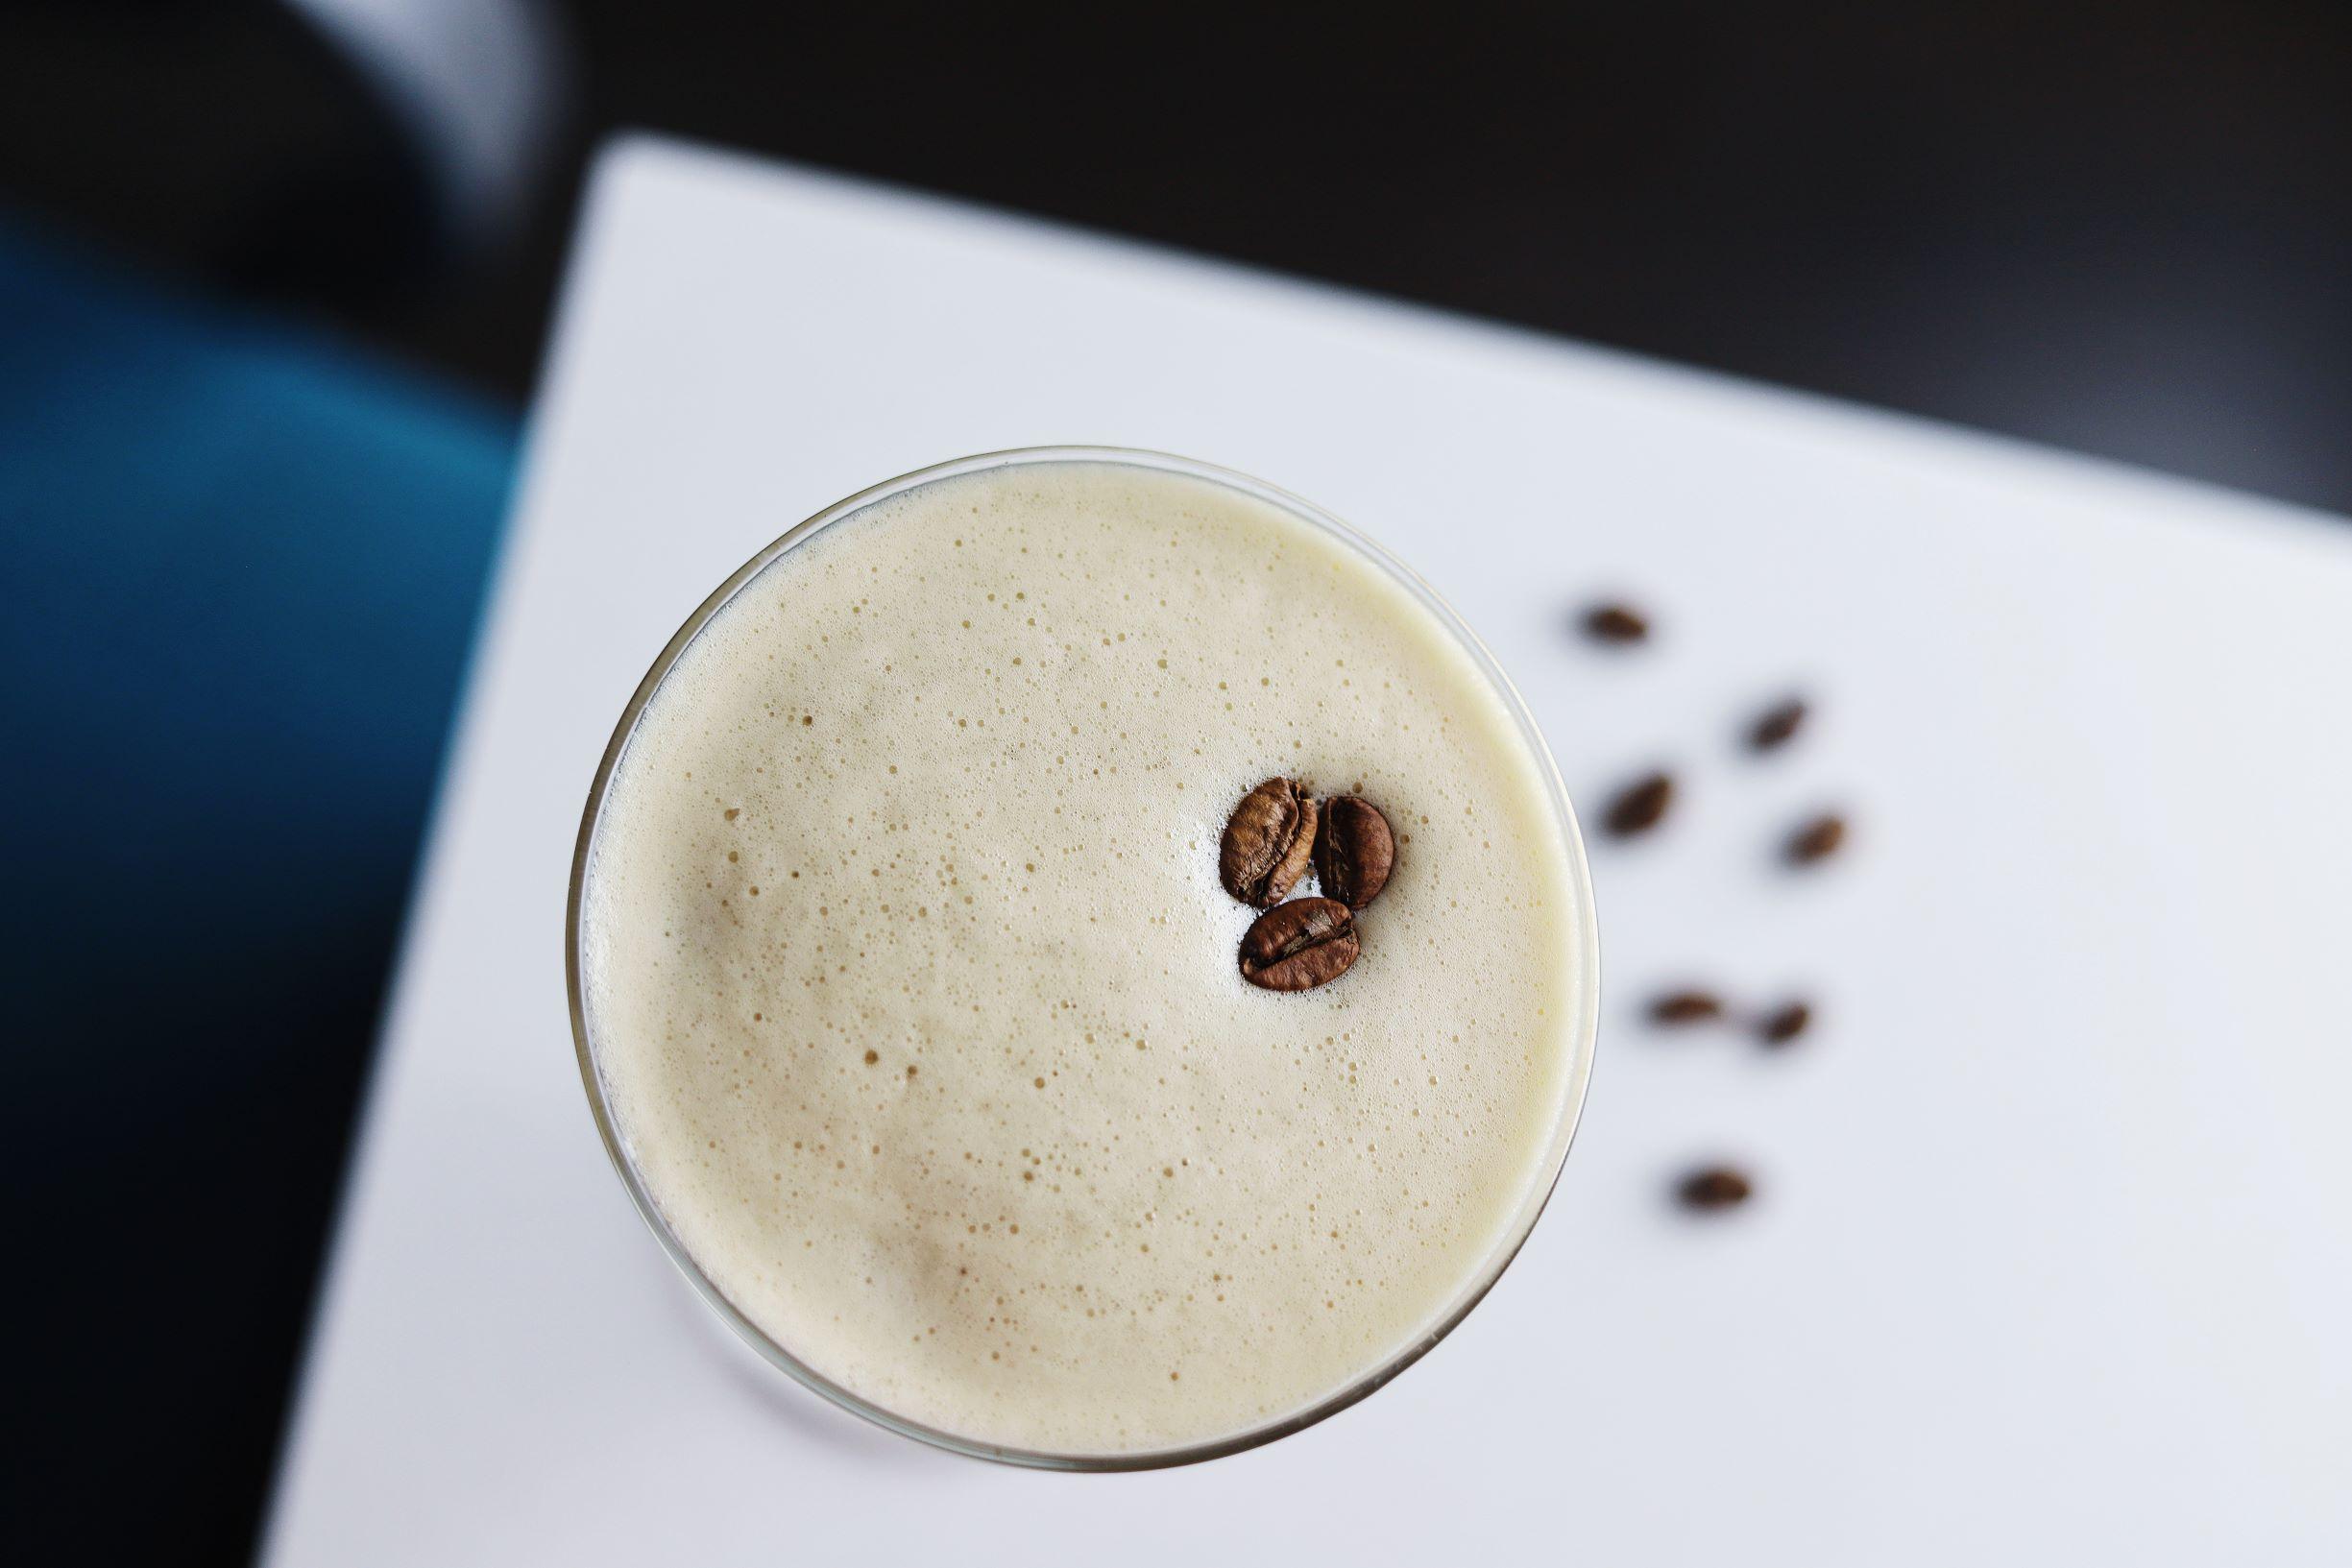 LeClair Organics Liberica specialty coffee, Amaro Montenegro espresso martini recipes 2